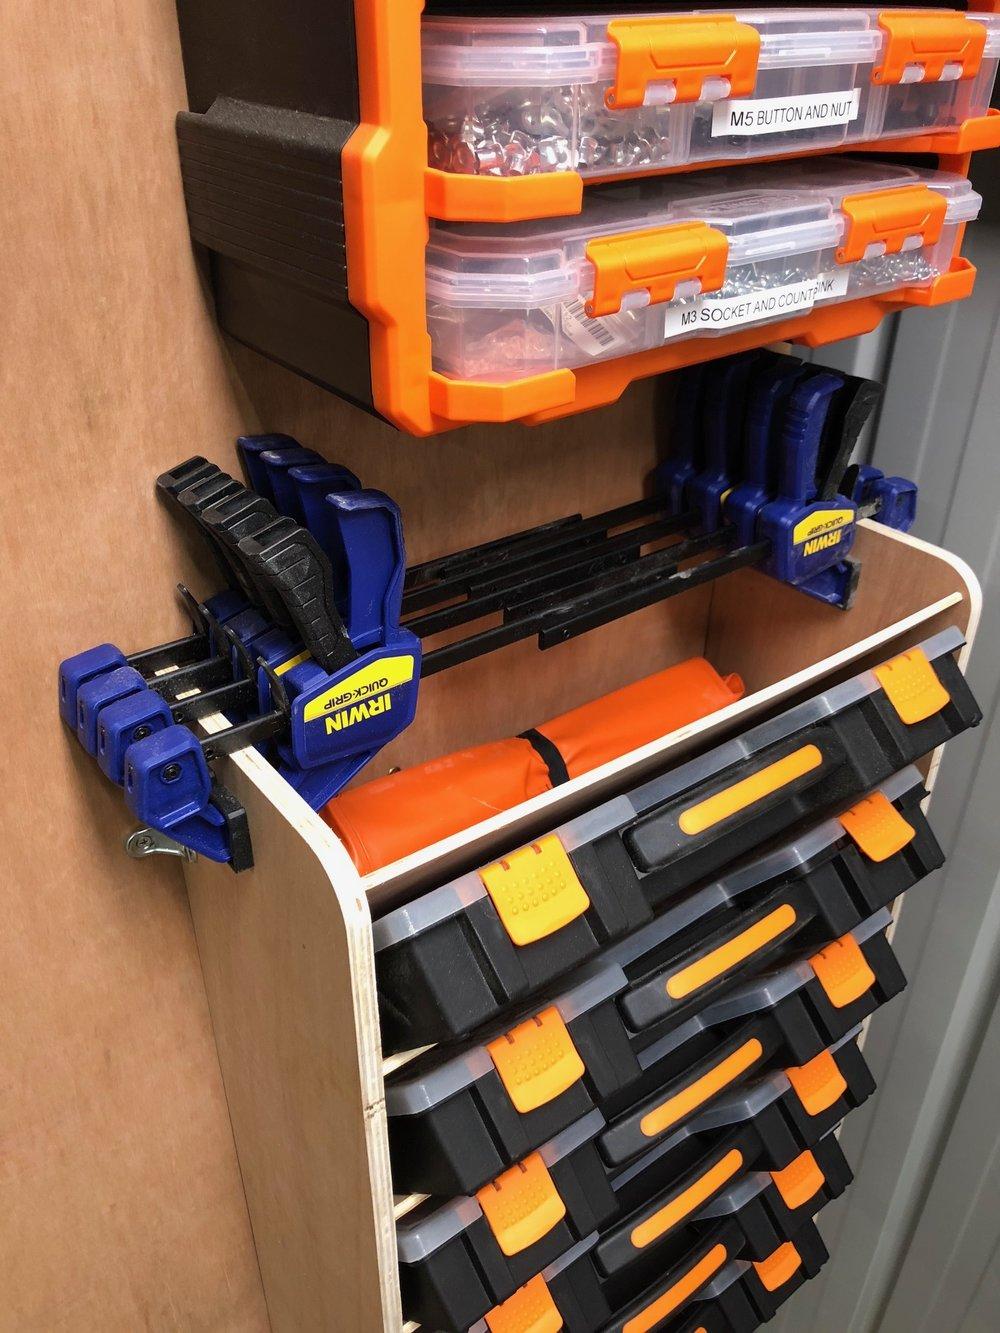 noggin011 storage organizer3.JPG